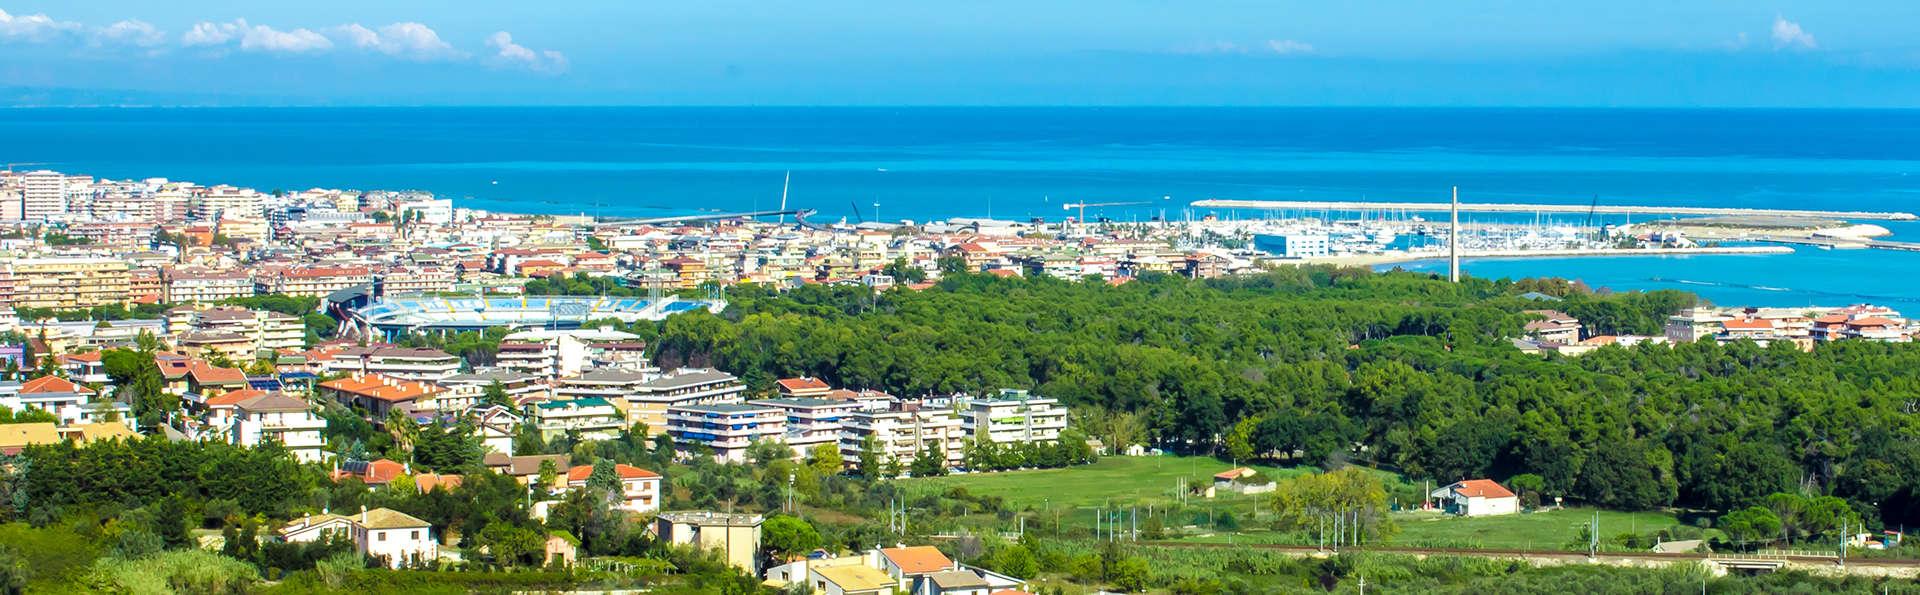 Villa Maria Hotel & Spa - Edit_Pescara.jpg